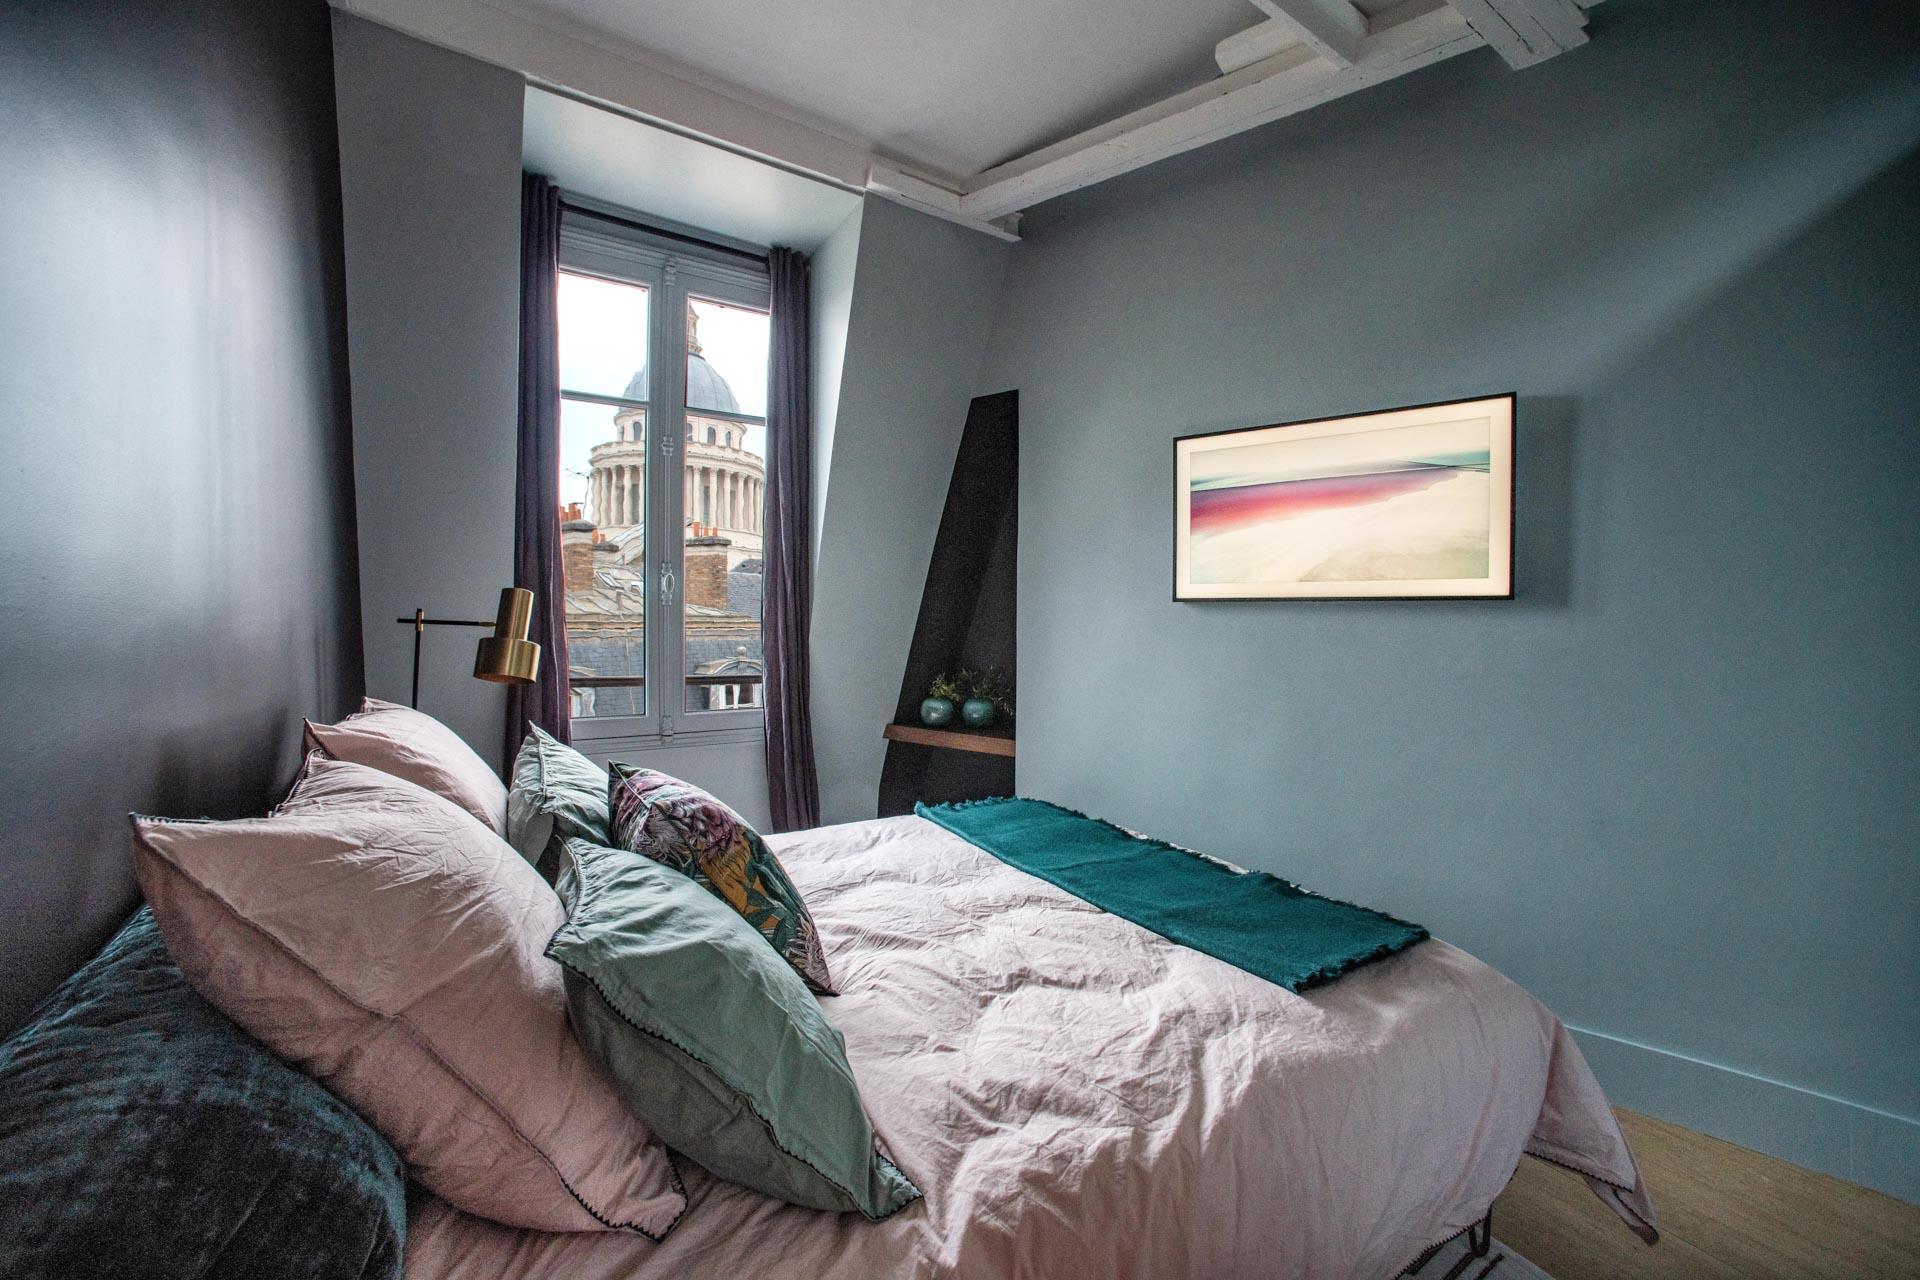 chambre à coucher avec une fenêtre sur le Panthéon, lit avec des draps roses et cinq oreillers